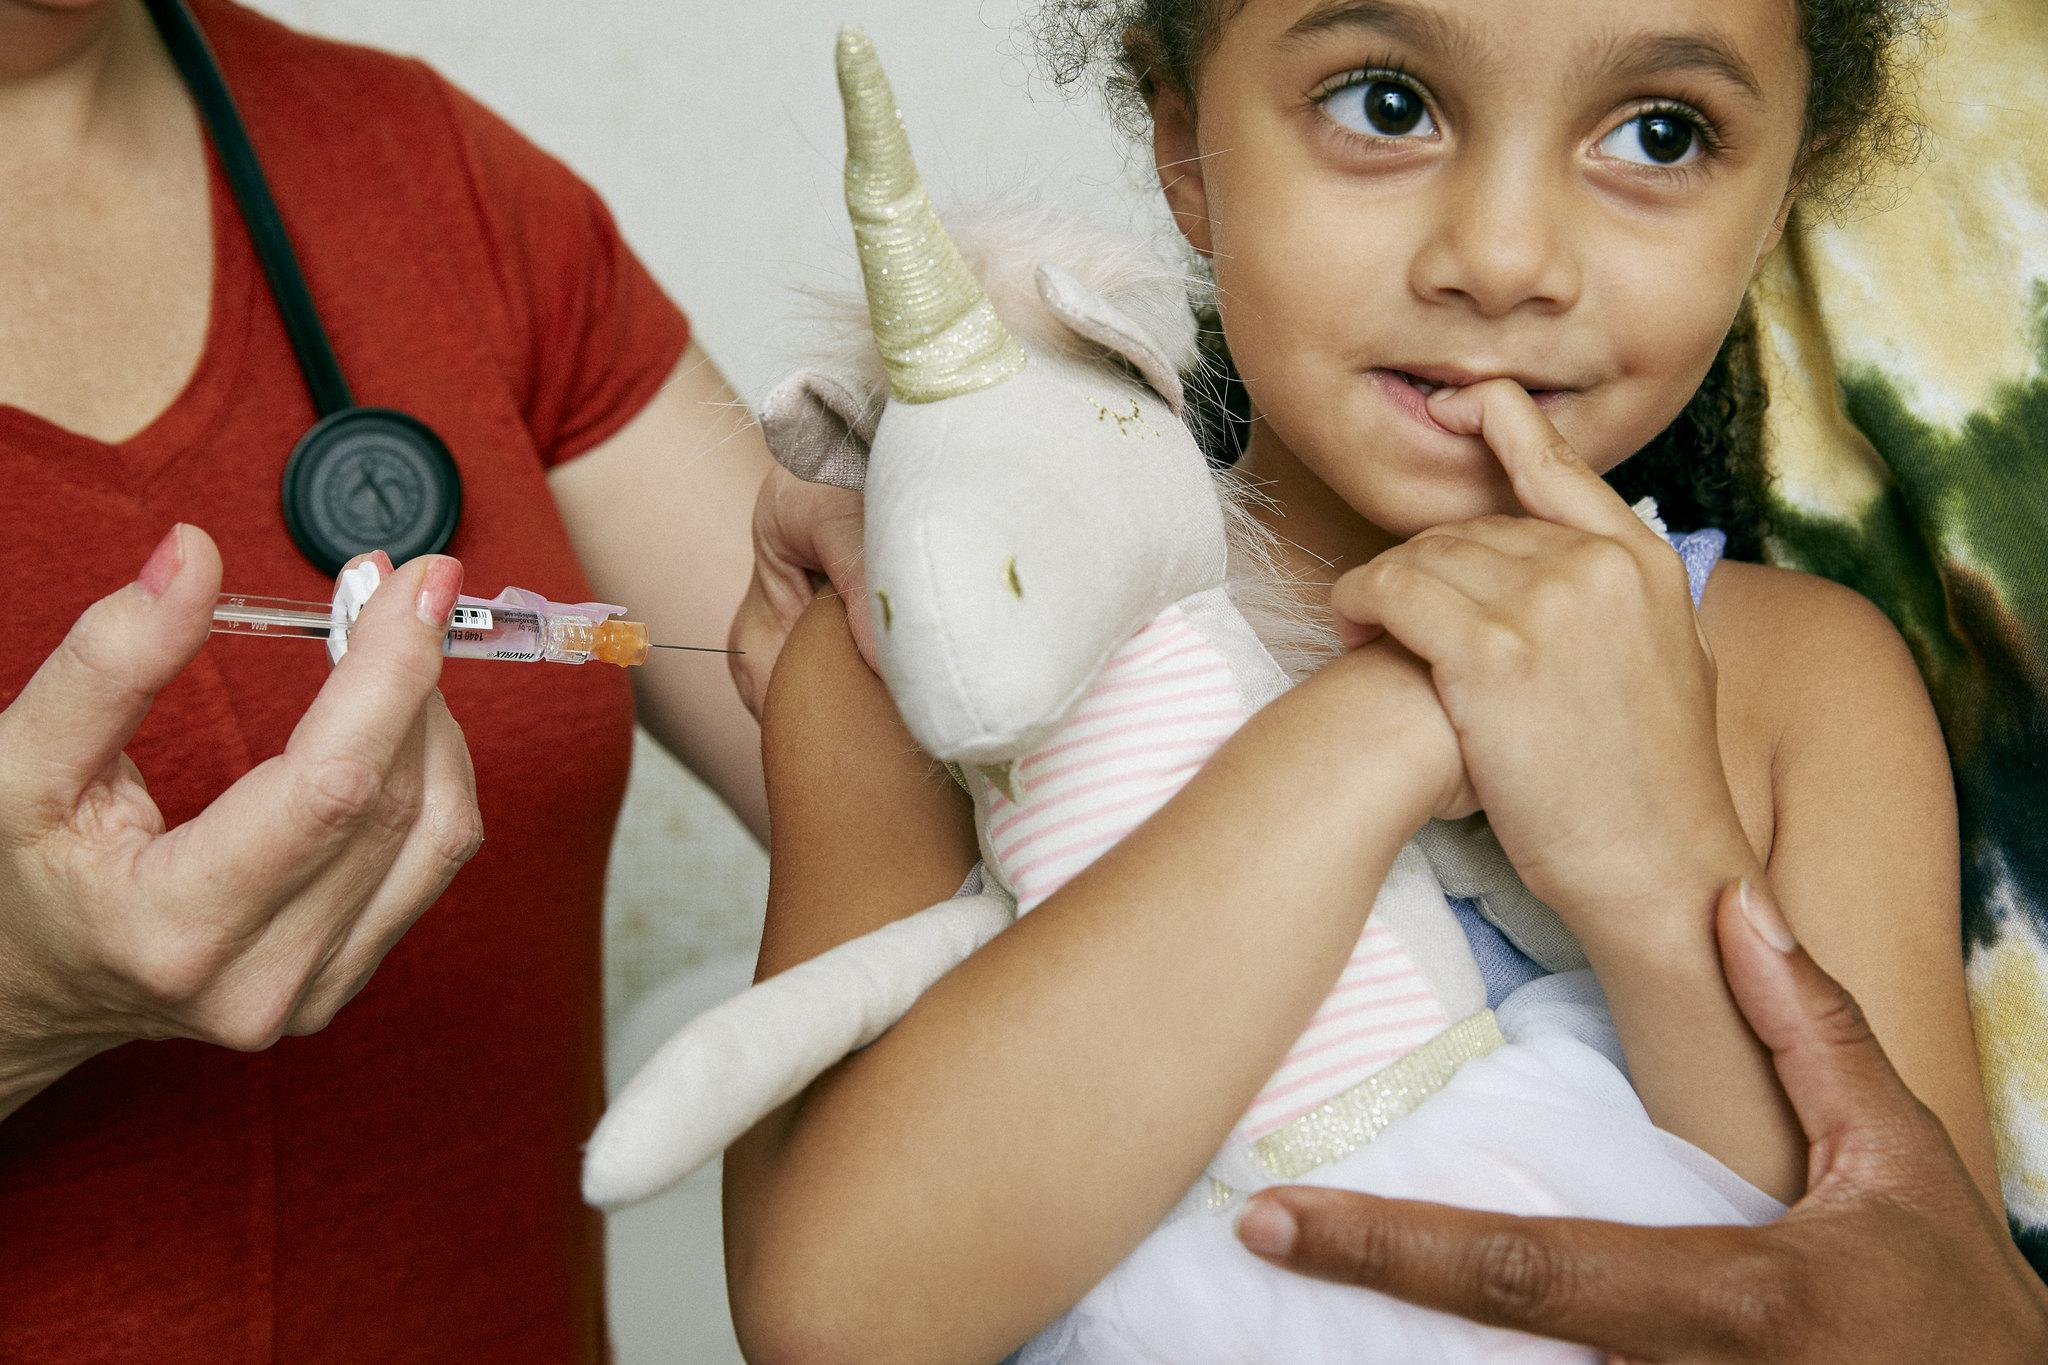 Mientras se espera que se complete la vacunación contra la Covid 19, hay otras vacunas que salvan vidas. En la Argentina, el Calendario Nacional de Vacunación tiene un esquema de vacunas gratuitas y obligatorias para todos los habitantes, para evitar enfermedades inmunoprevenibles como la gripe, el sarampión, la hepatitis B y la neumonía. Al respecto opinó para Télam el Dr. Diego Montes de Oca, médico pediatra, miembro de la Sociedad Argentina de Pediatría.